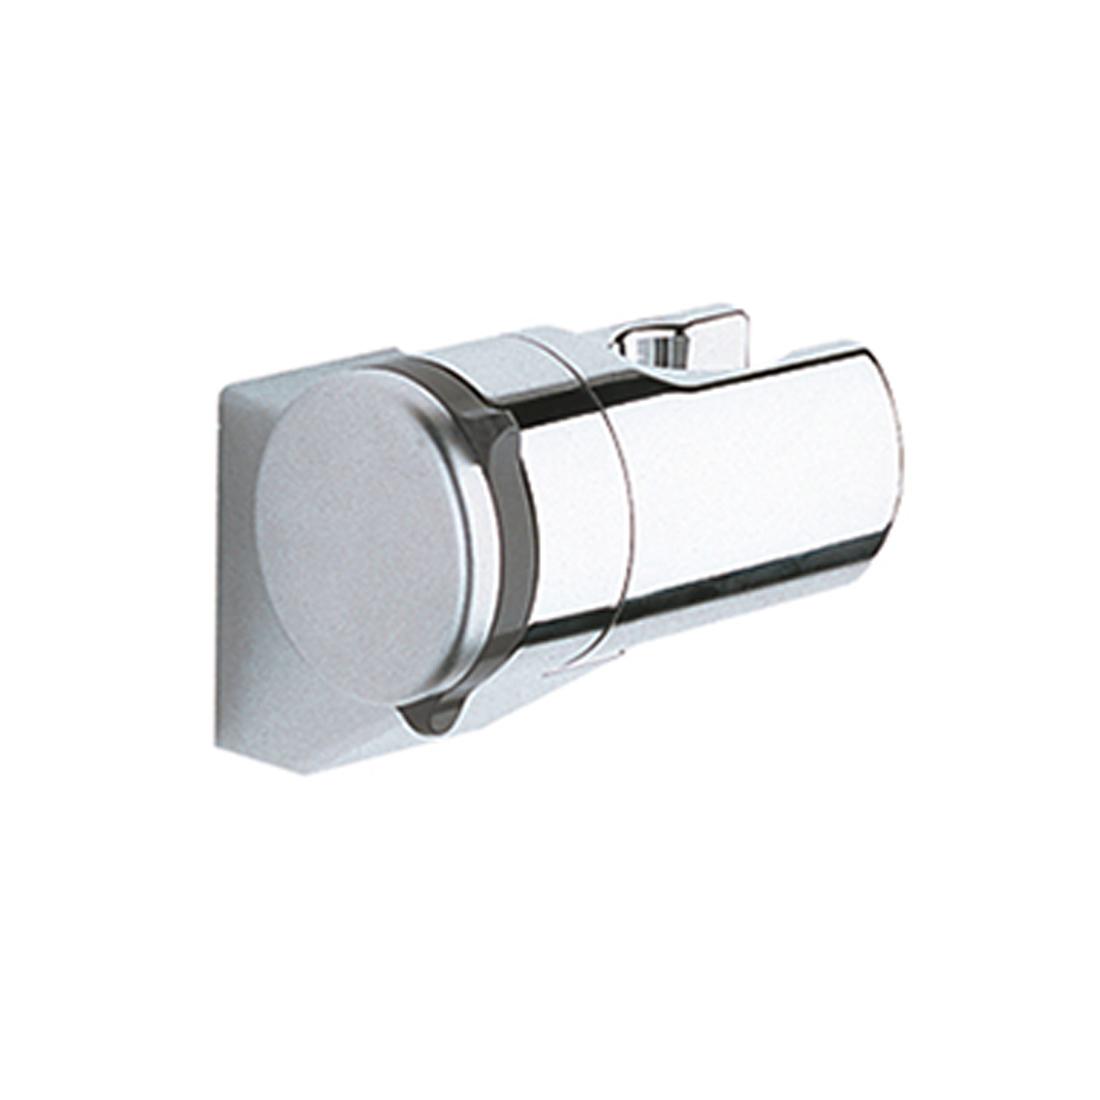 Grohe 28623000 Relexa Wall Hand Shower Holder